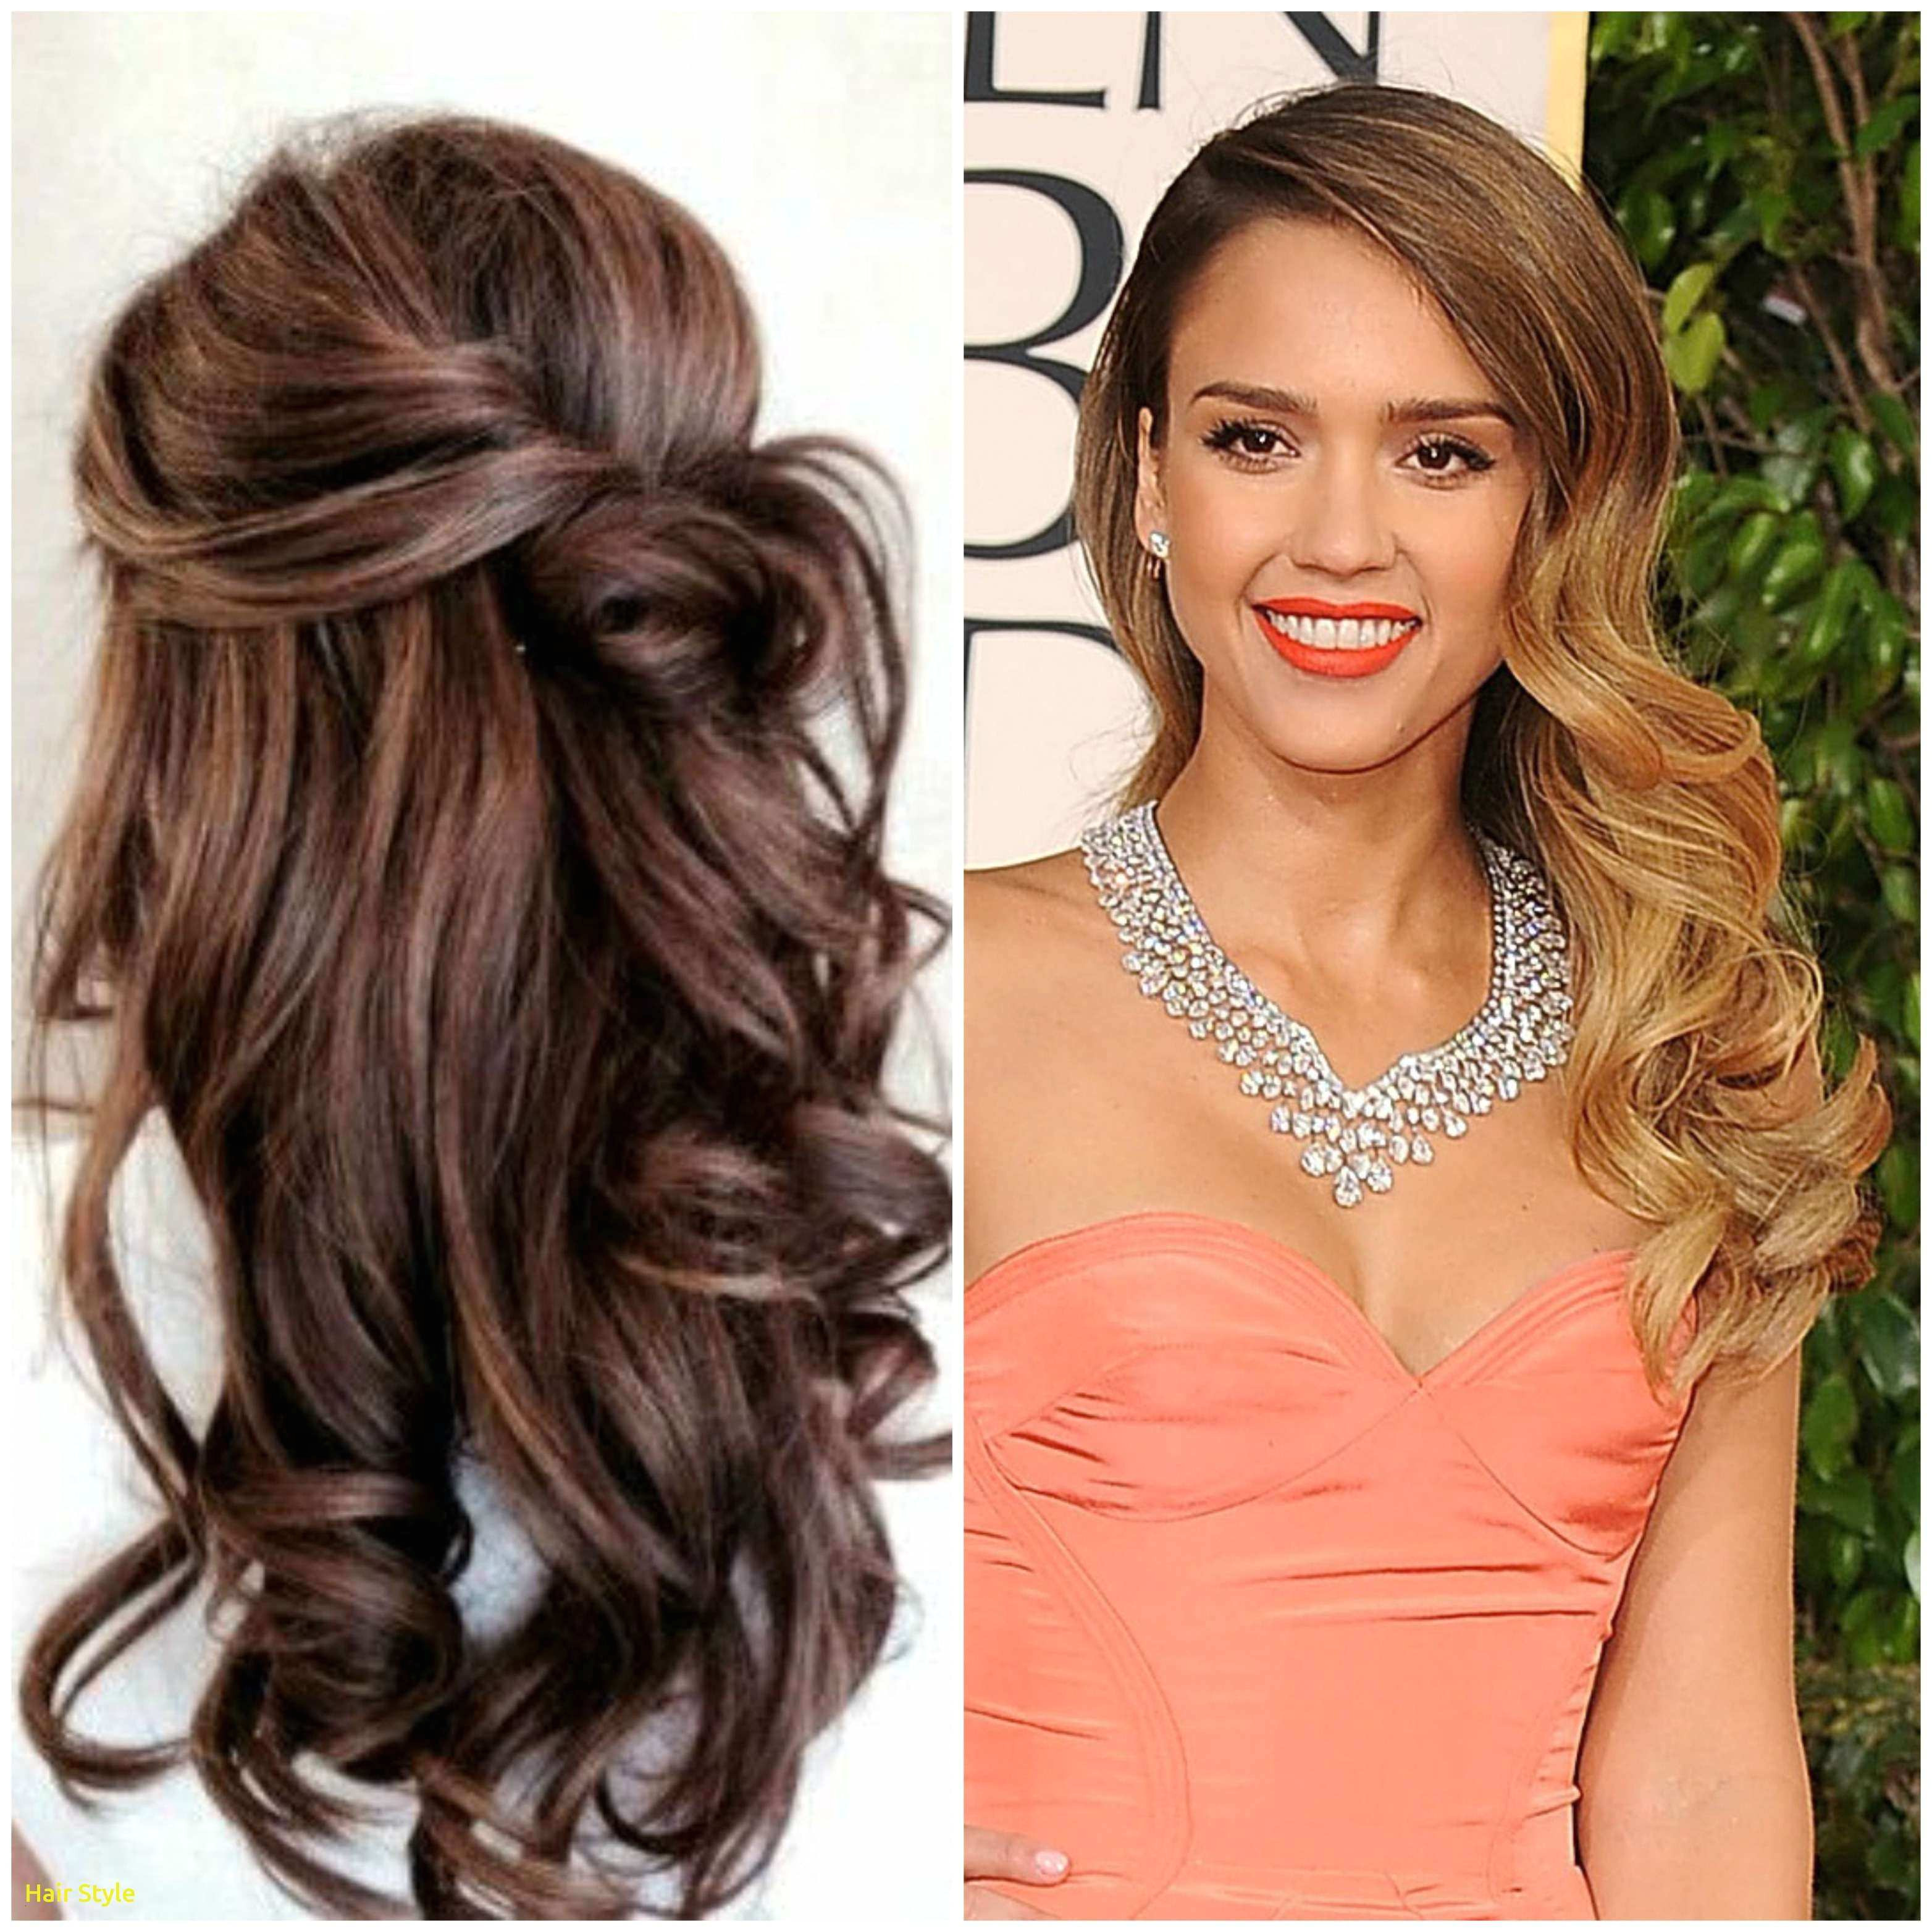 Asian Girls Hair Inspirational New asian Wedding Hairstyles for Long Hair Asian Girls Hair Fresh